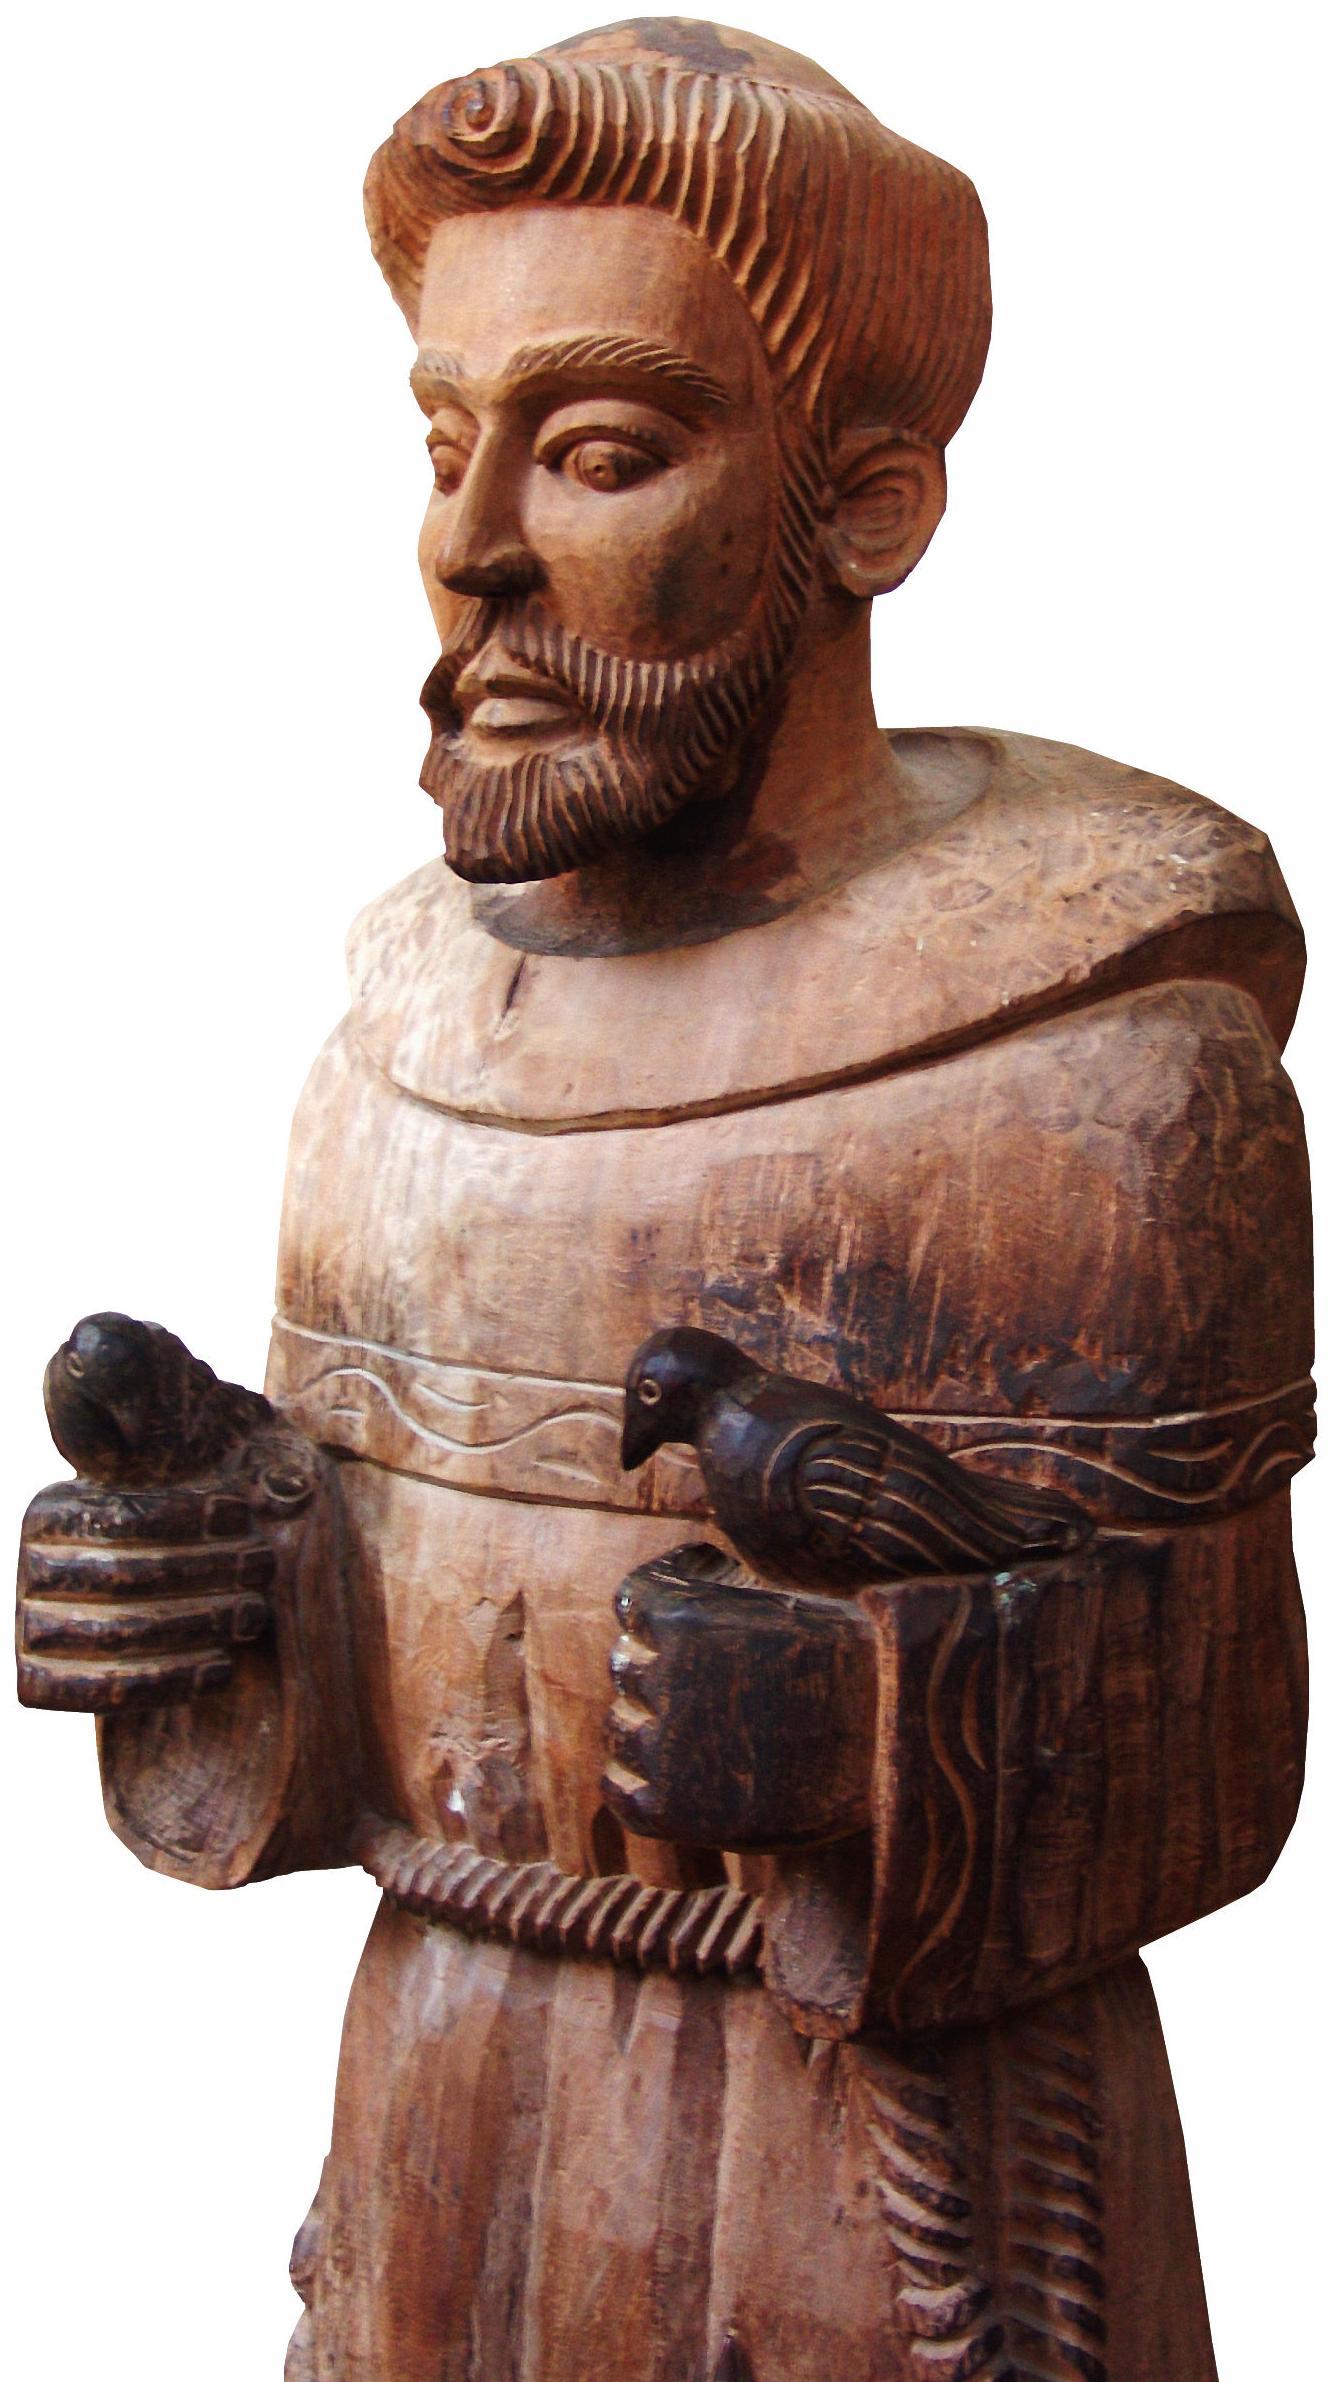 Tratamientos anticarcoma , limpieza y consolidación de la madera en esculturas